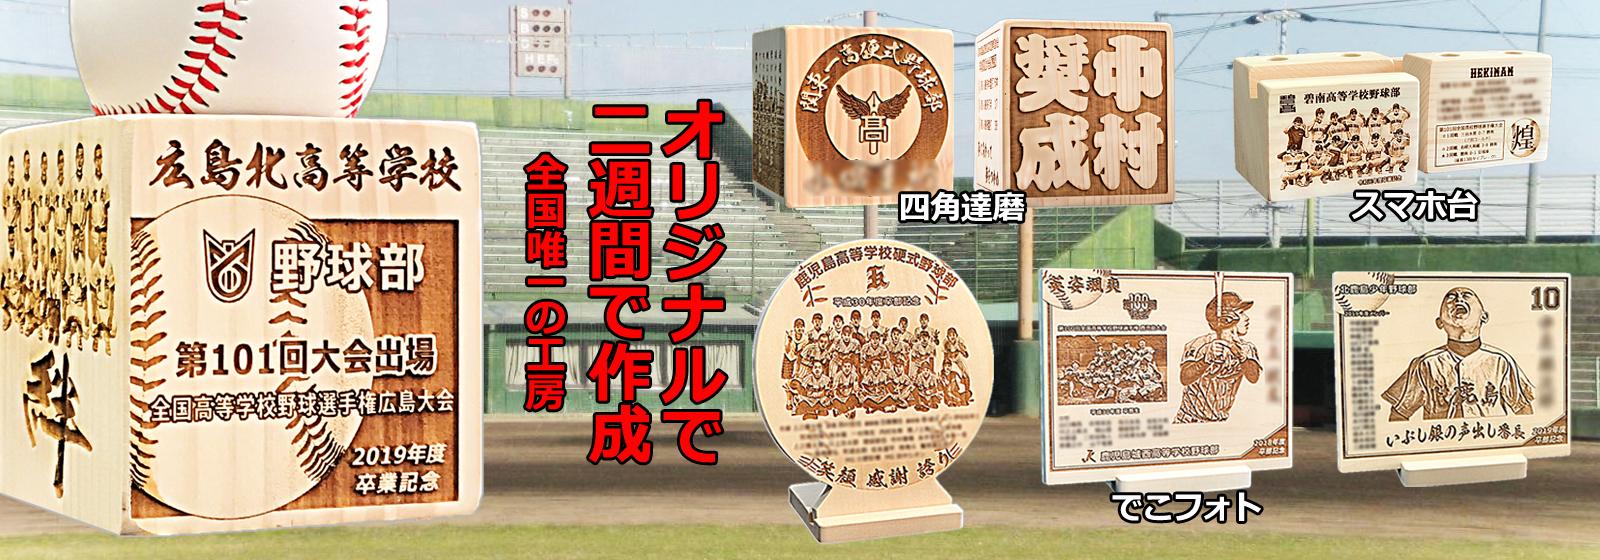 彫刻彫り野球記念品